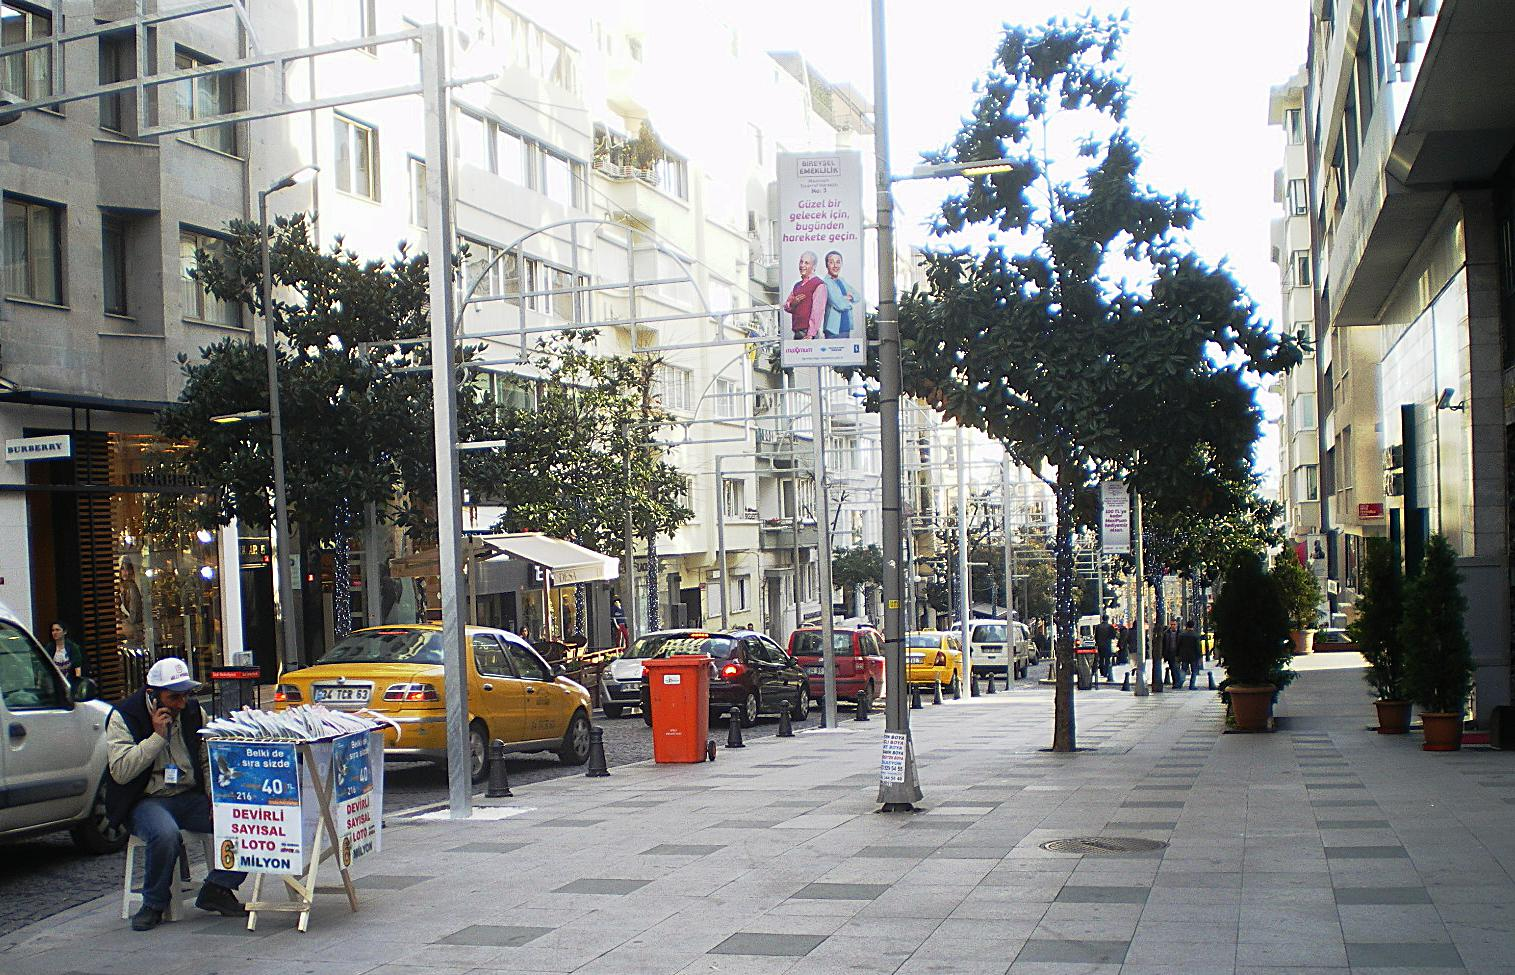 3b4e912b2 يعد شارع عبدي إيبكجي أحد شوارع التسوق الرئيسية في الطرف الأوروبي من مدينة  إسطنبول. يقع الشارع في منطقة